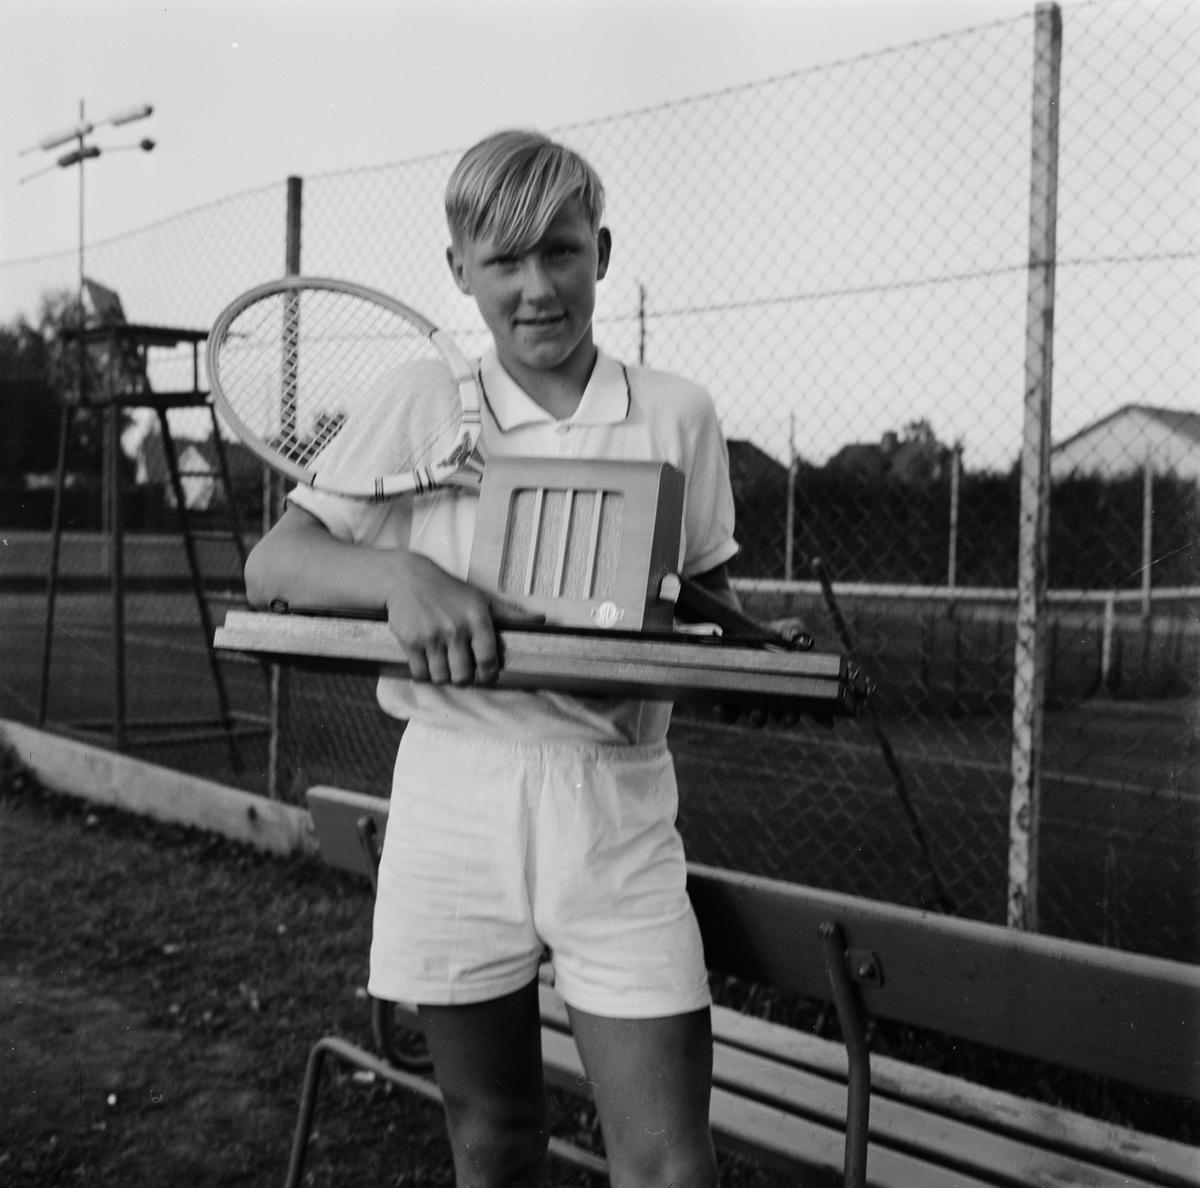 Tennis, Urban Englund, Uppland